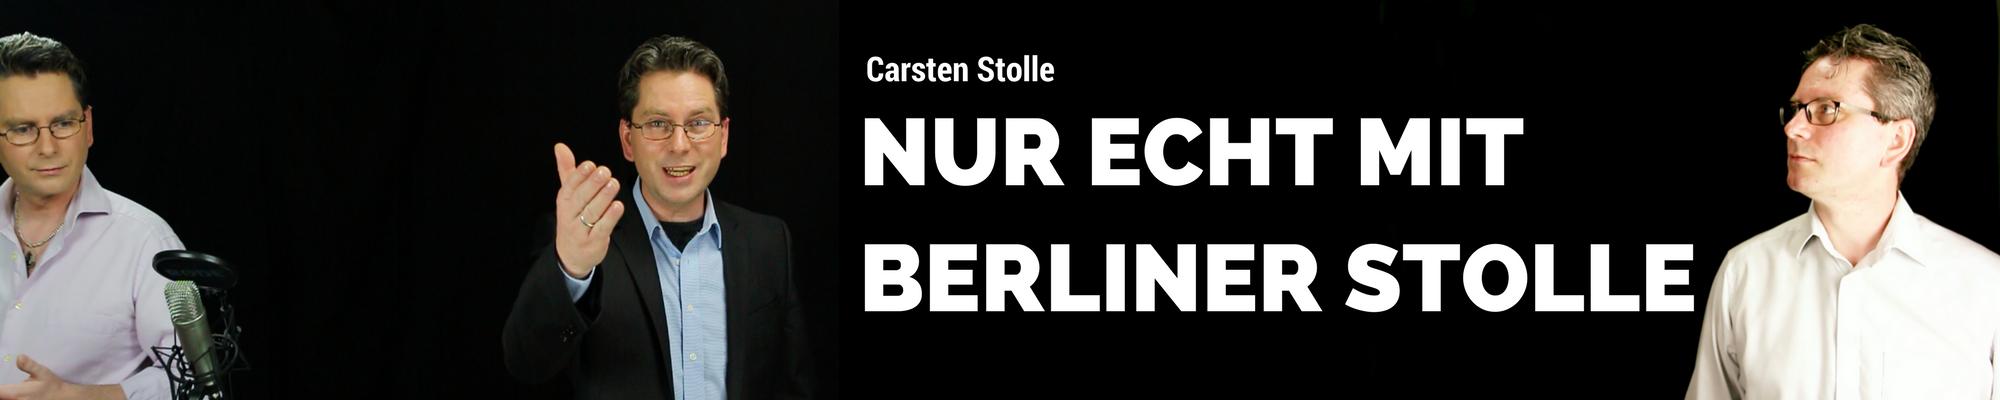 Carsten Stolle